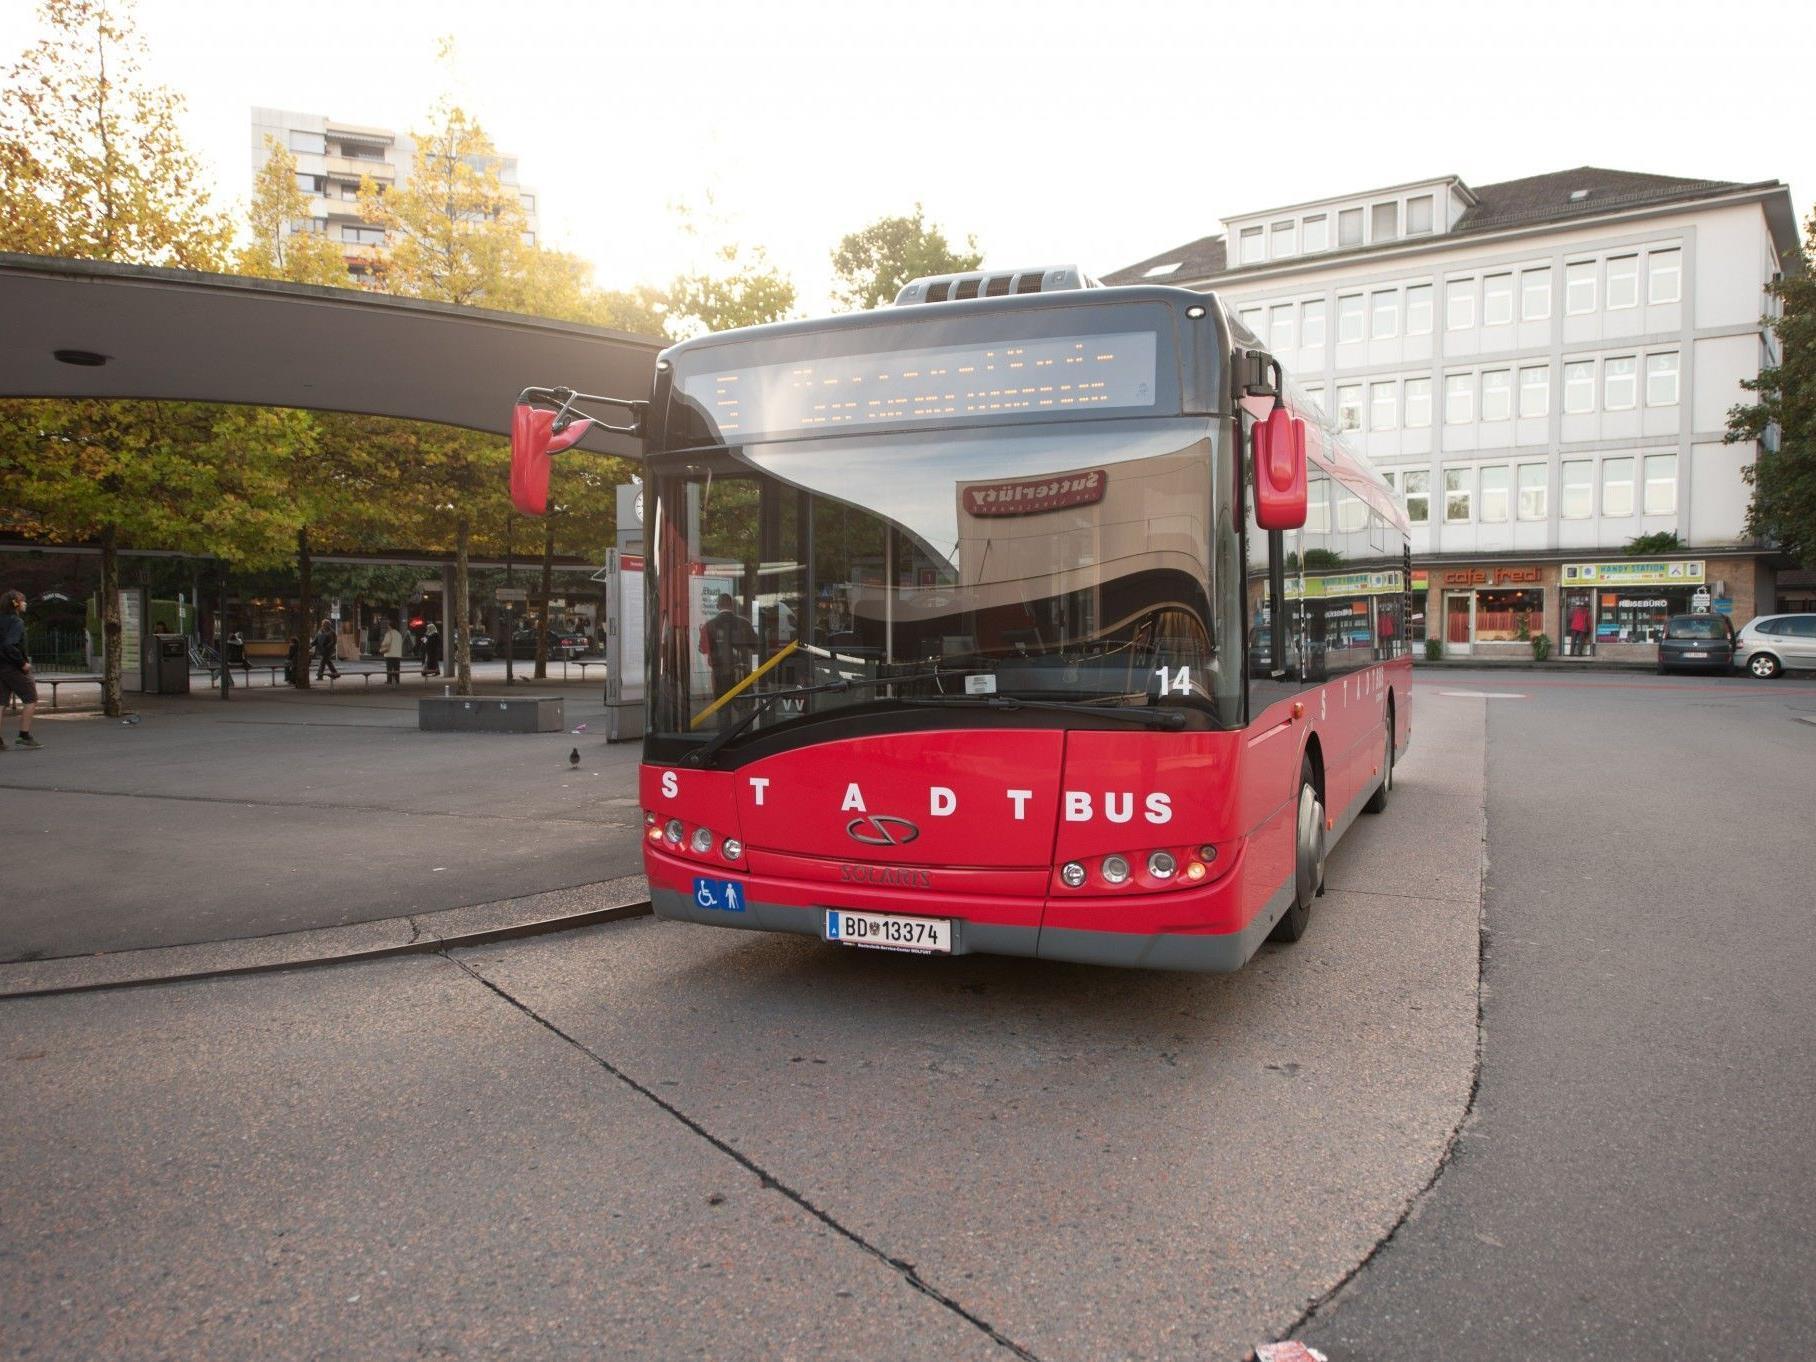 Der Stadtbus fährt am 8. Dezember trotz Feiertag.